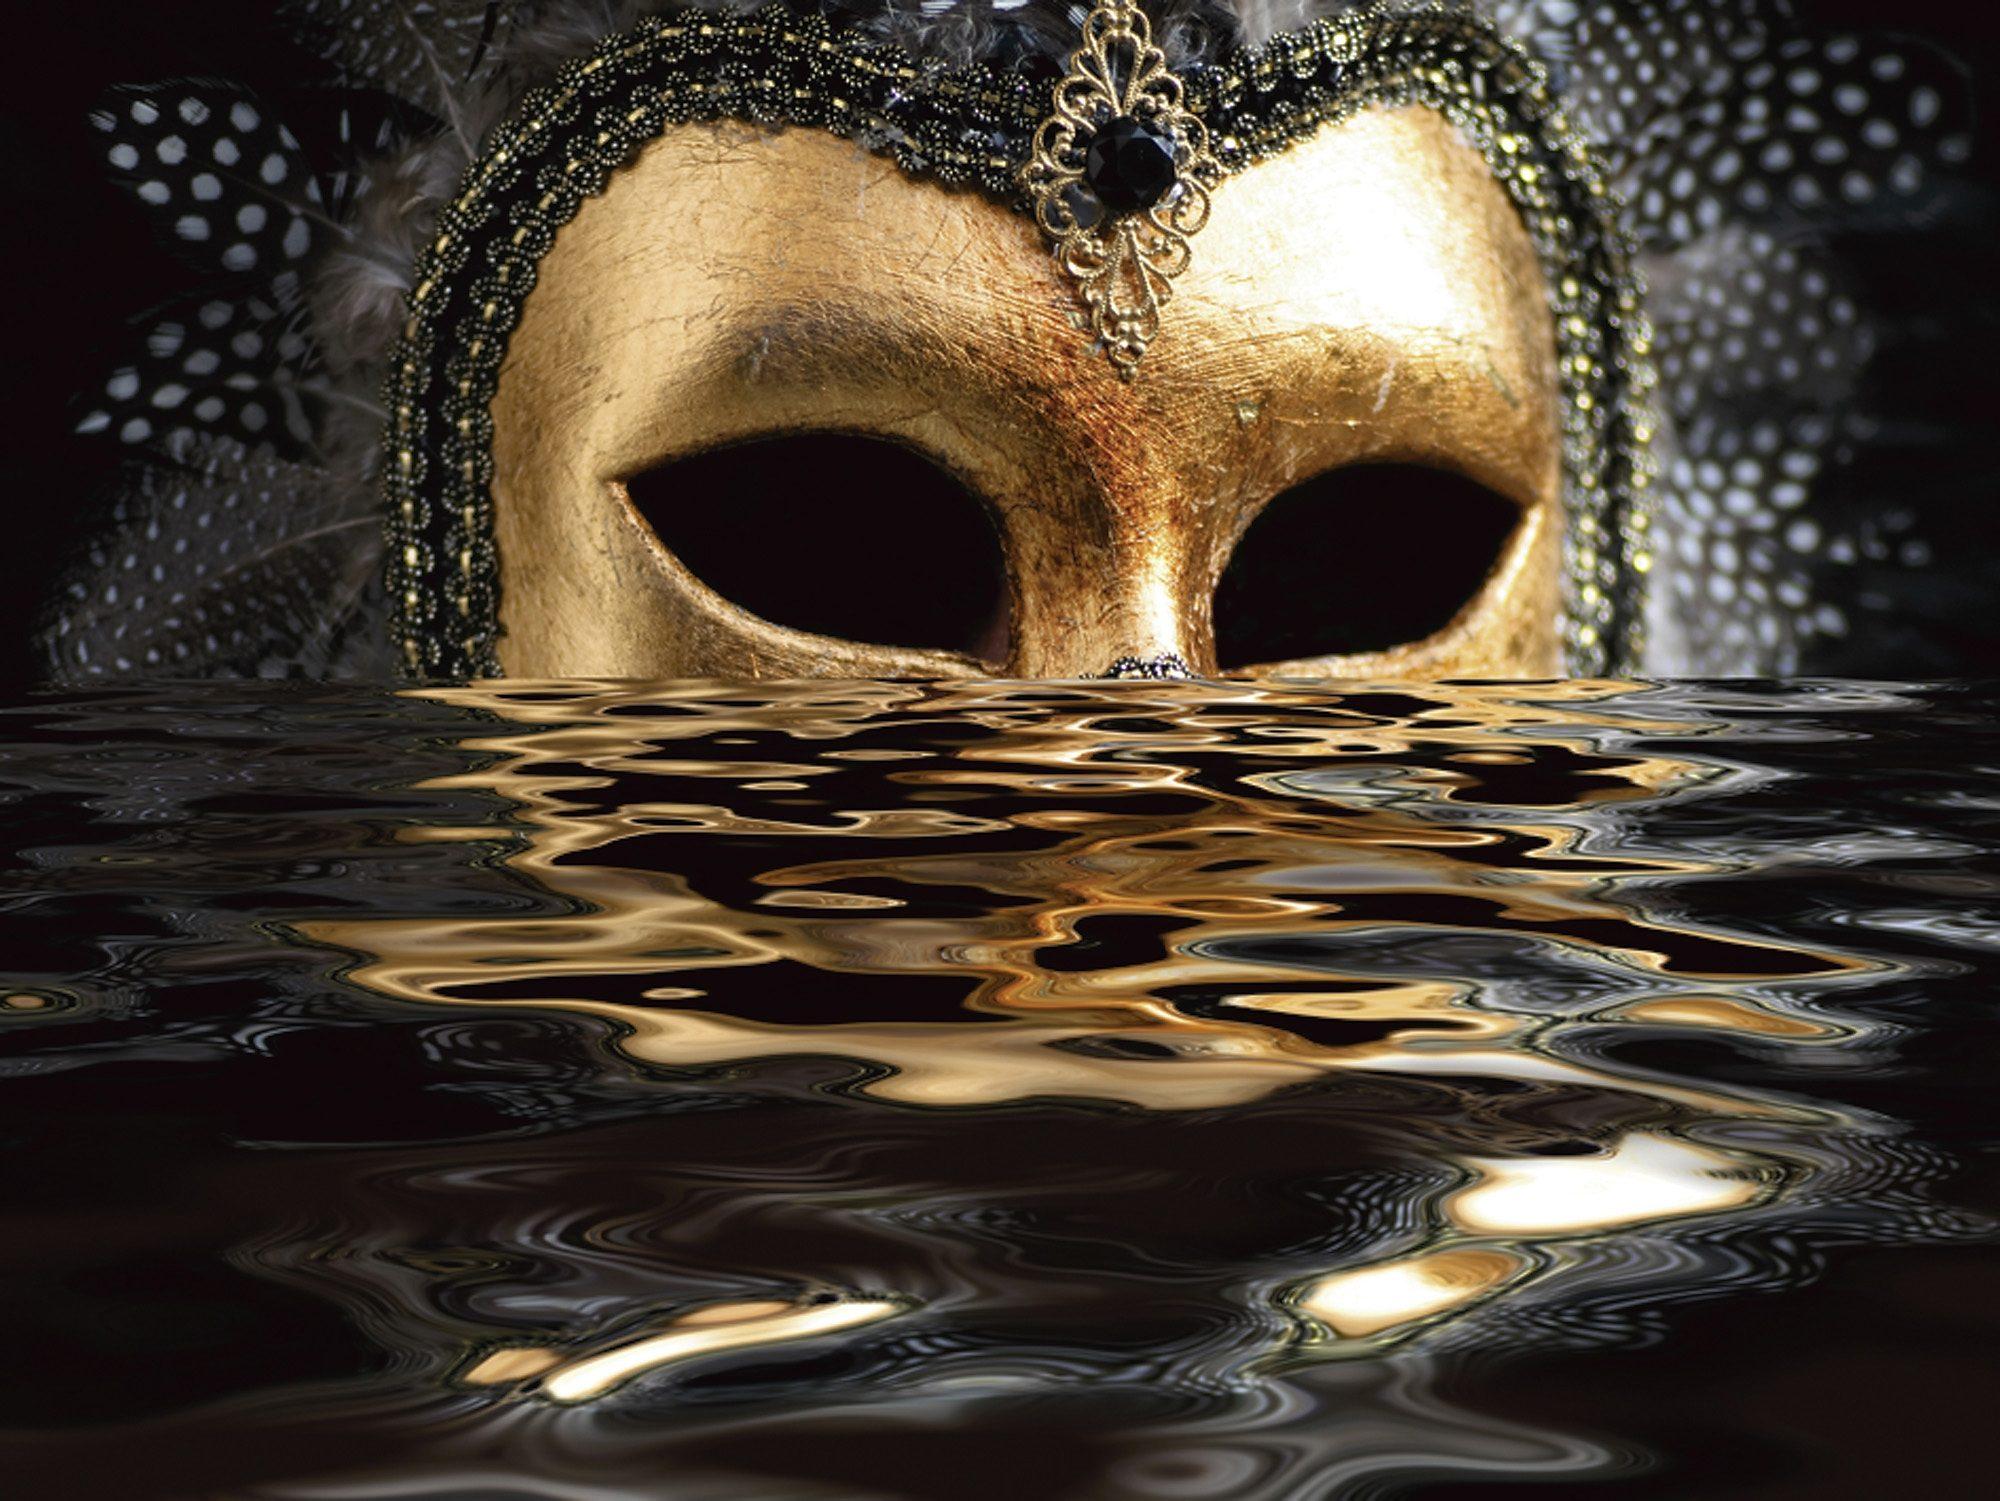 Premium collection by Home affaire Leinwandbild »hfng: Venezianische Maske mit Blattgold auf dem Wasser«, 80/60 cm